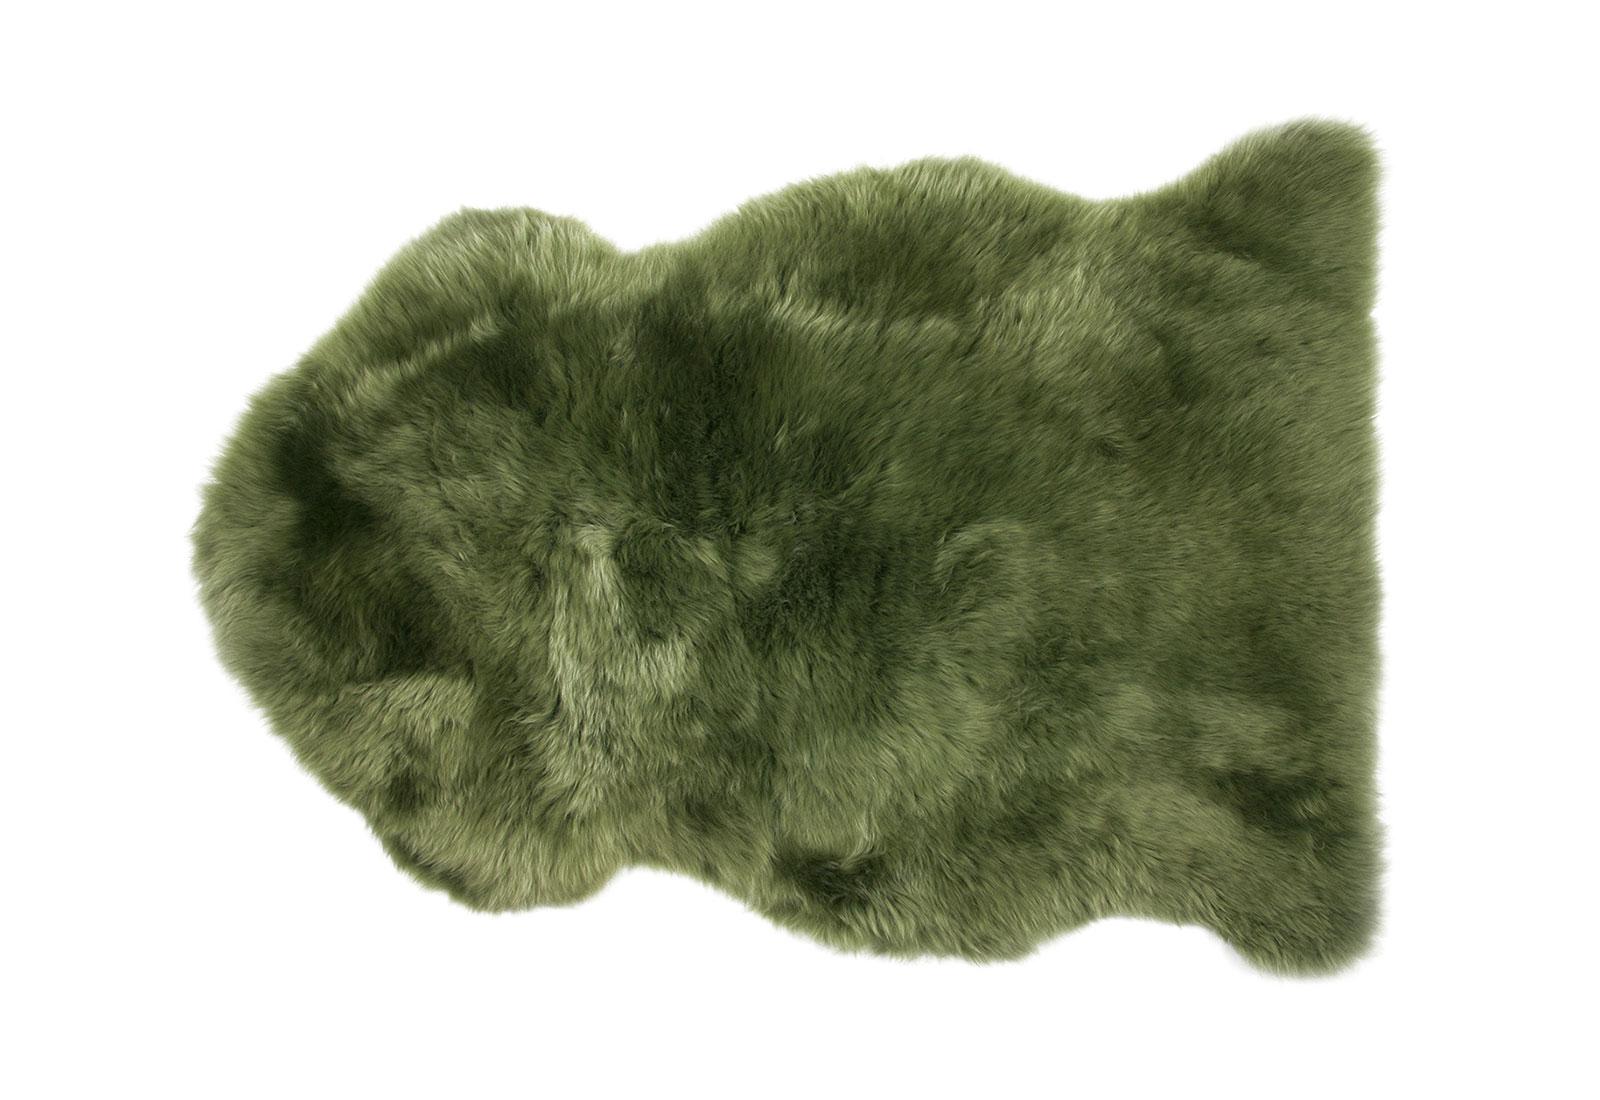 Green Sheepskin Rug